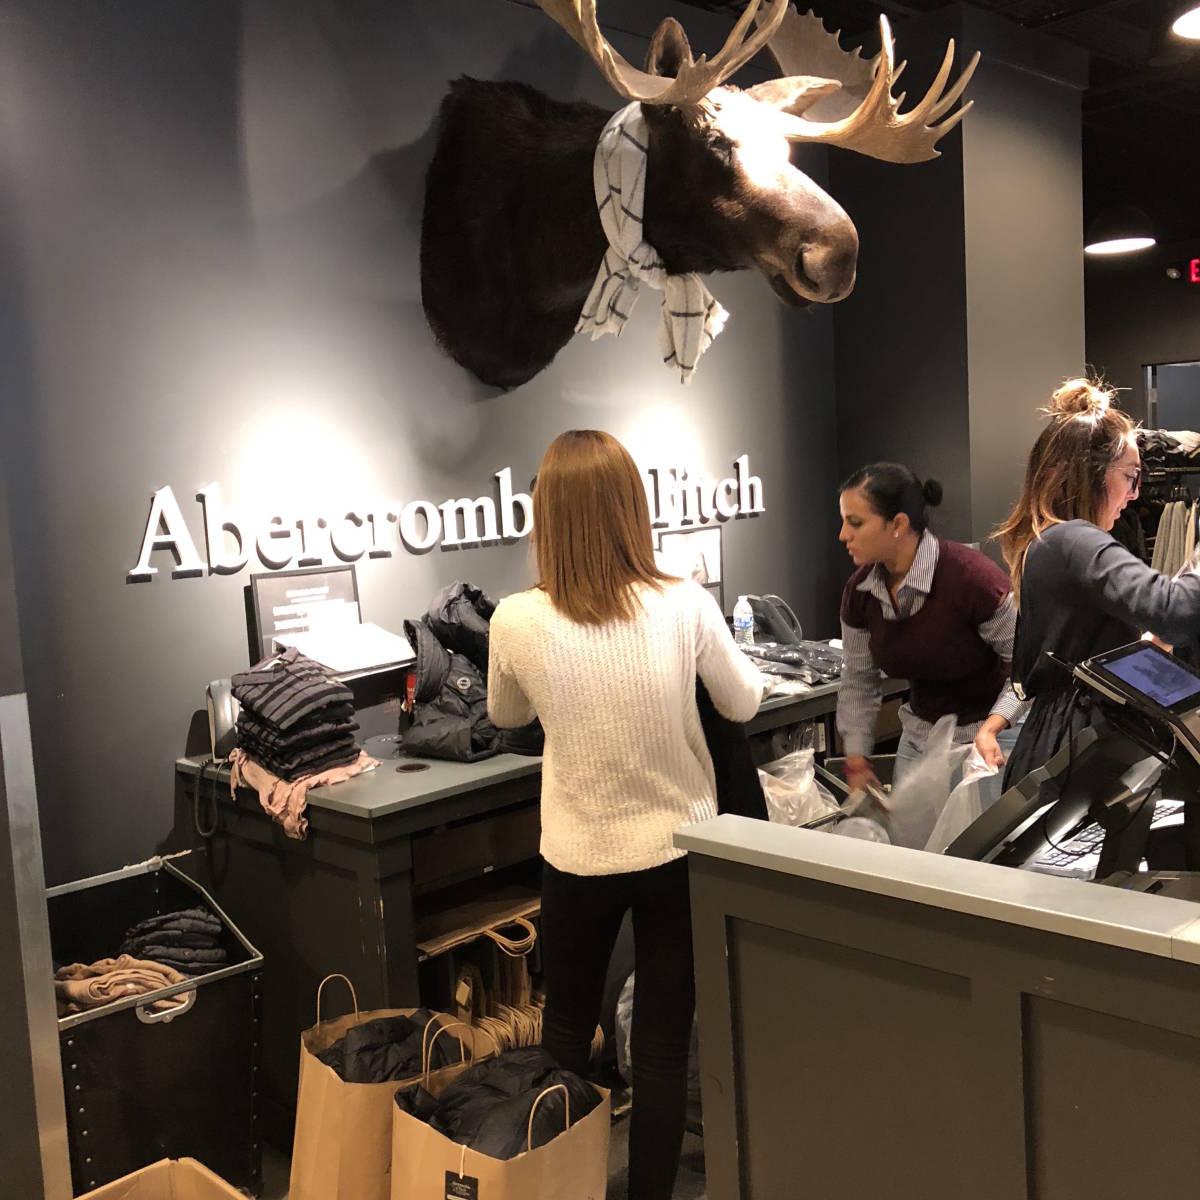 新品☆本物 NY購入 Abercrombie & Fitch Light Weight Down Jacket Mサイズ BLACK/黒 アバクロ ライトウェイト ダウンジャケット_画像10